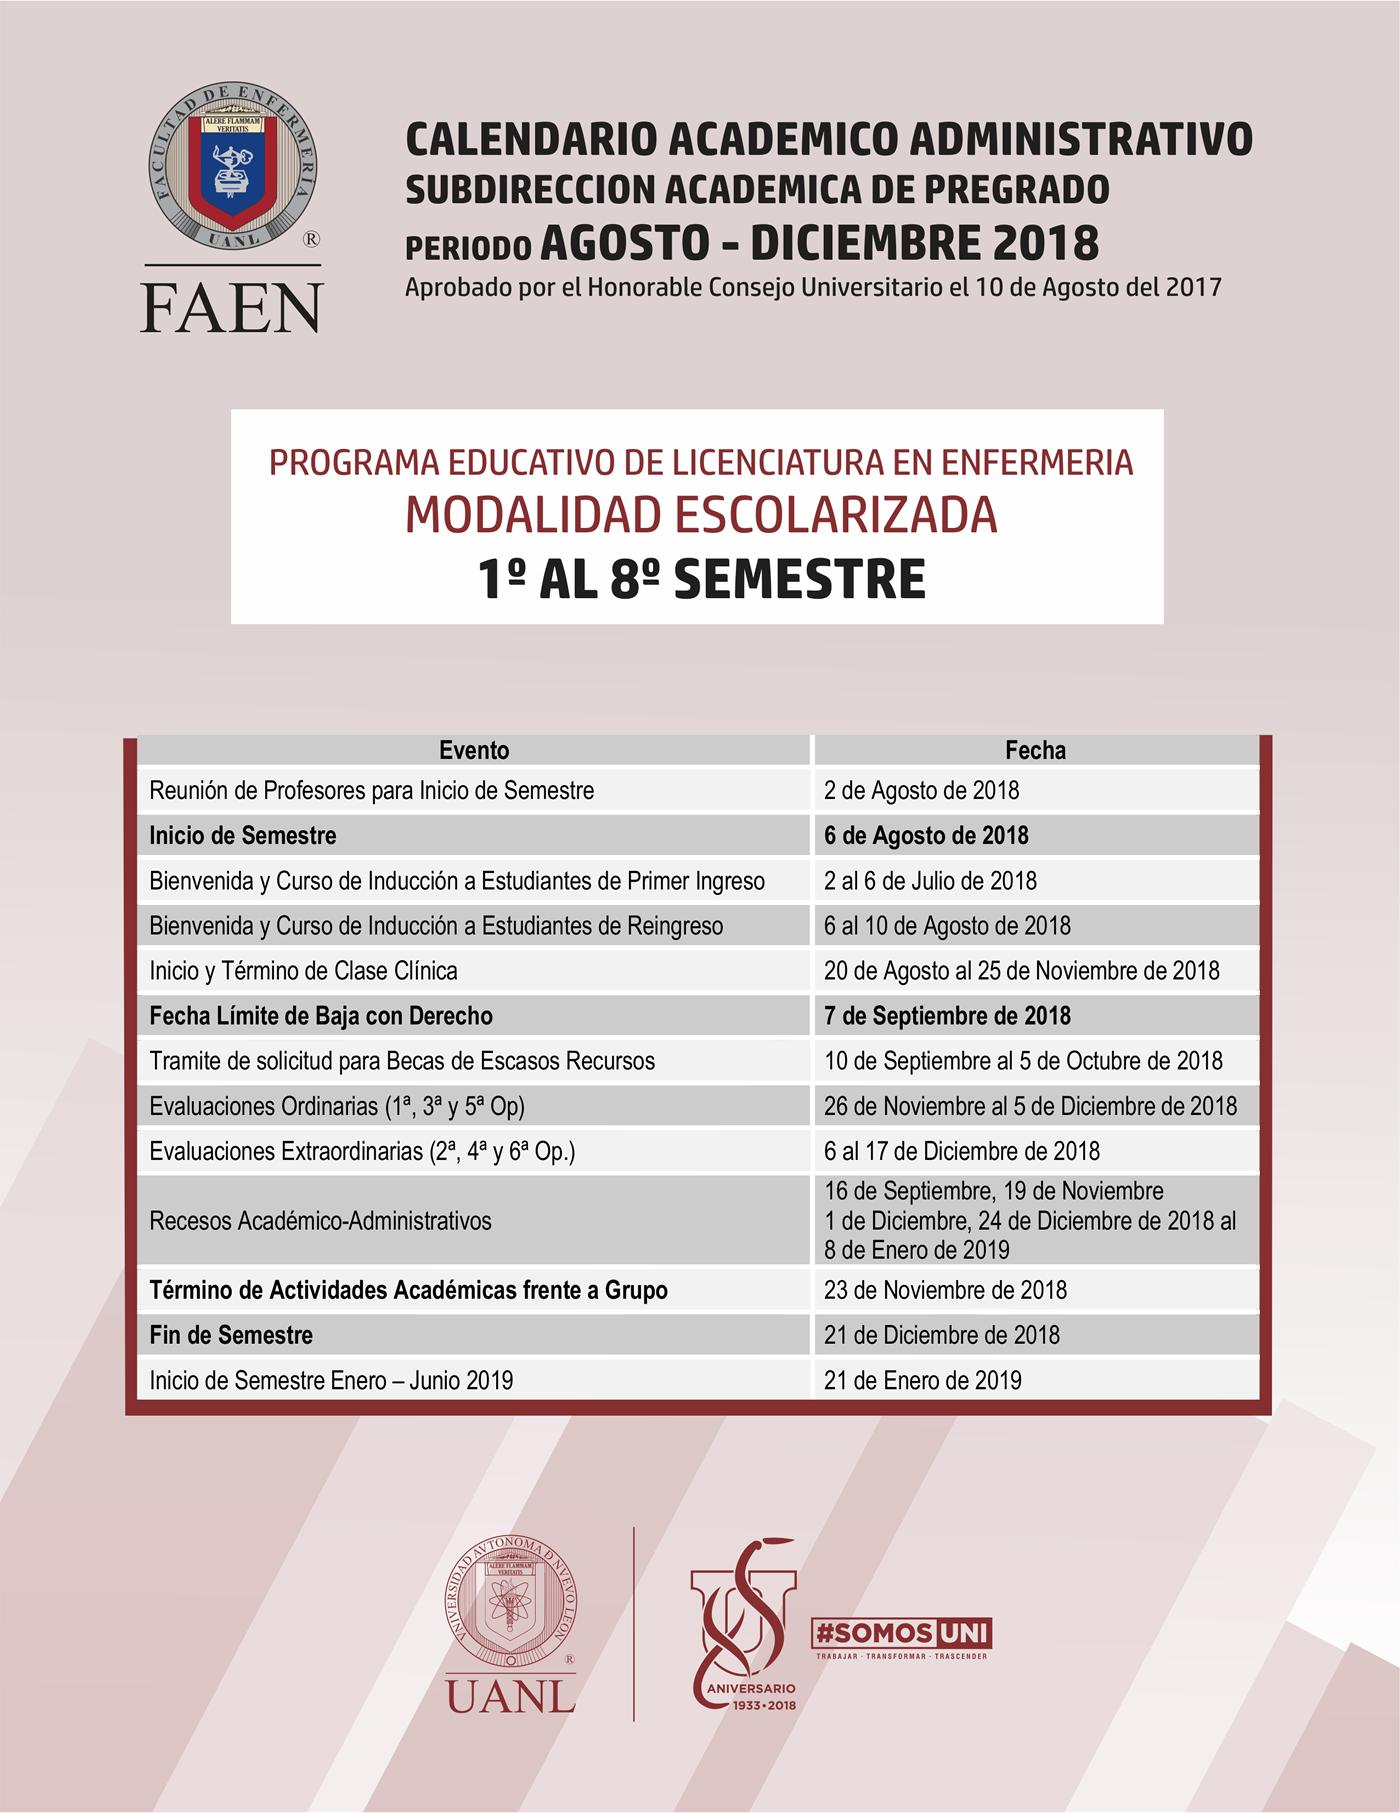 Calendario 2019 Agosto A Diciembre.Calendarios Facultad De Enfermeria Uanl